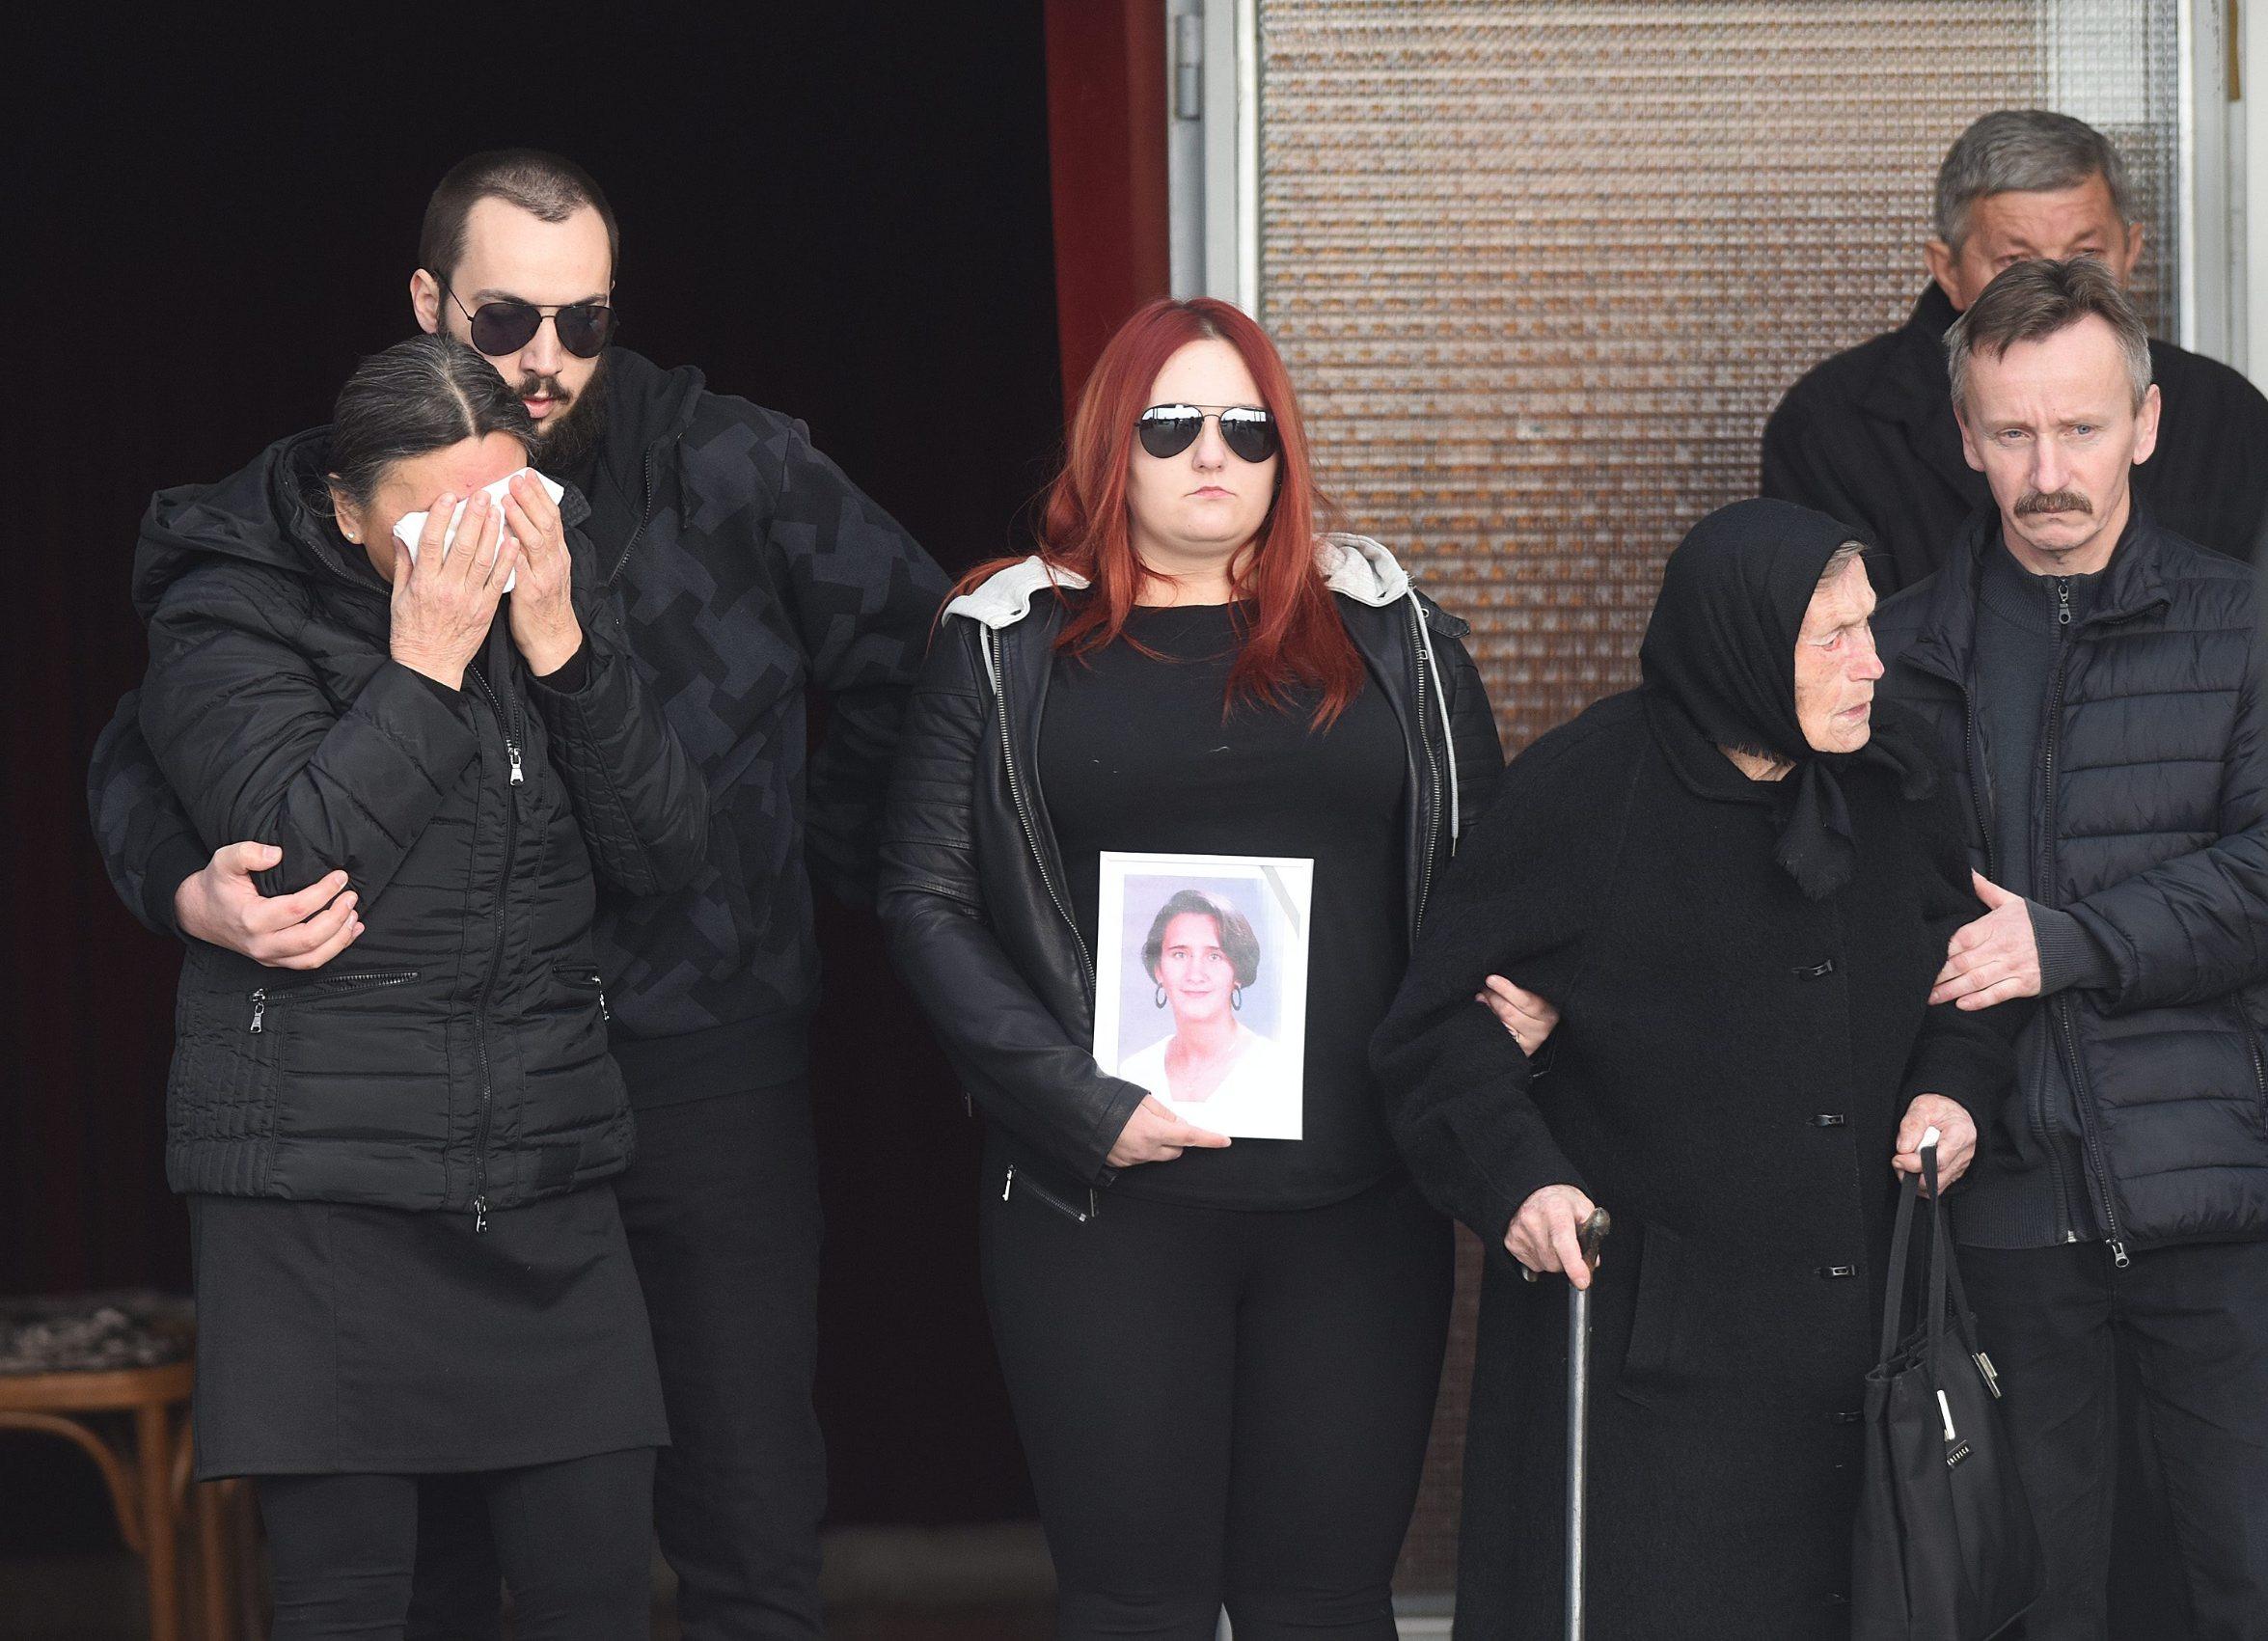 Palovac, 200219. Na mjesnom groblju u Palovcu kraj Cakovca sahranjena je Jasmina Dominic, djevojka nestala 2000. godine cije tijelo je pronadjeno u zamrzivacu njezine obiteljske kuce. Na fotografiji: Sprovod Jasmine Dominic. Foto: Robert Fajt / CROPIX